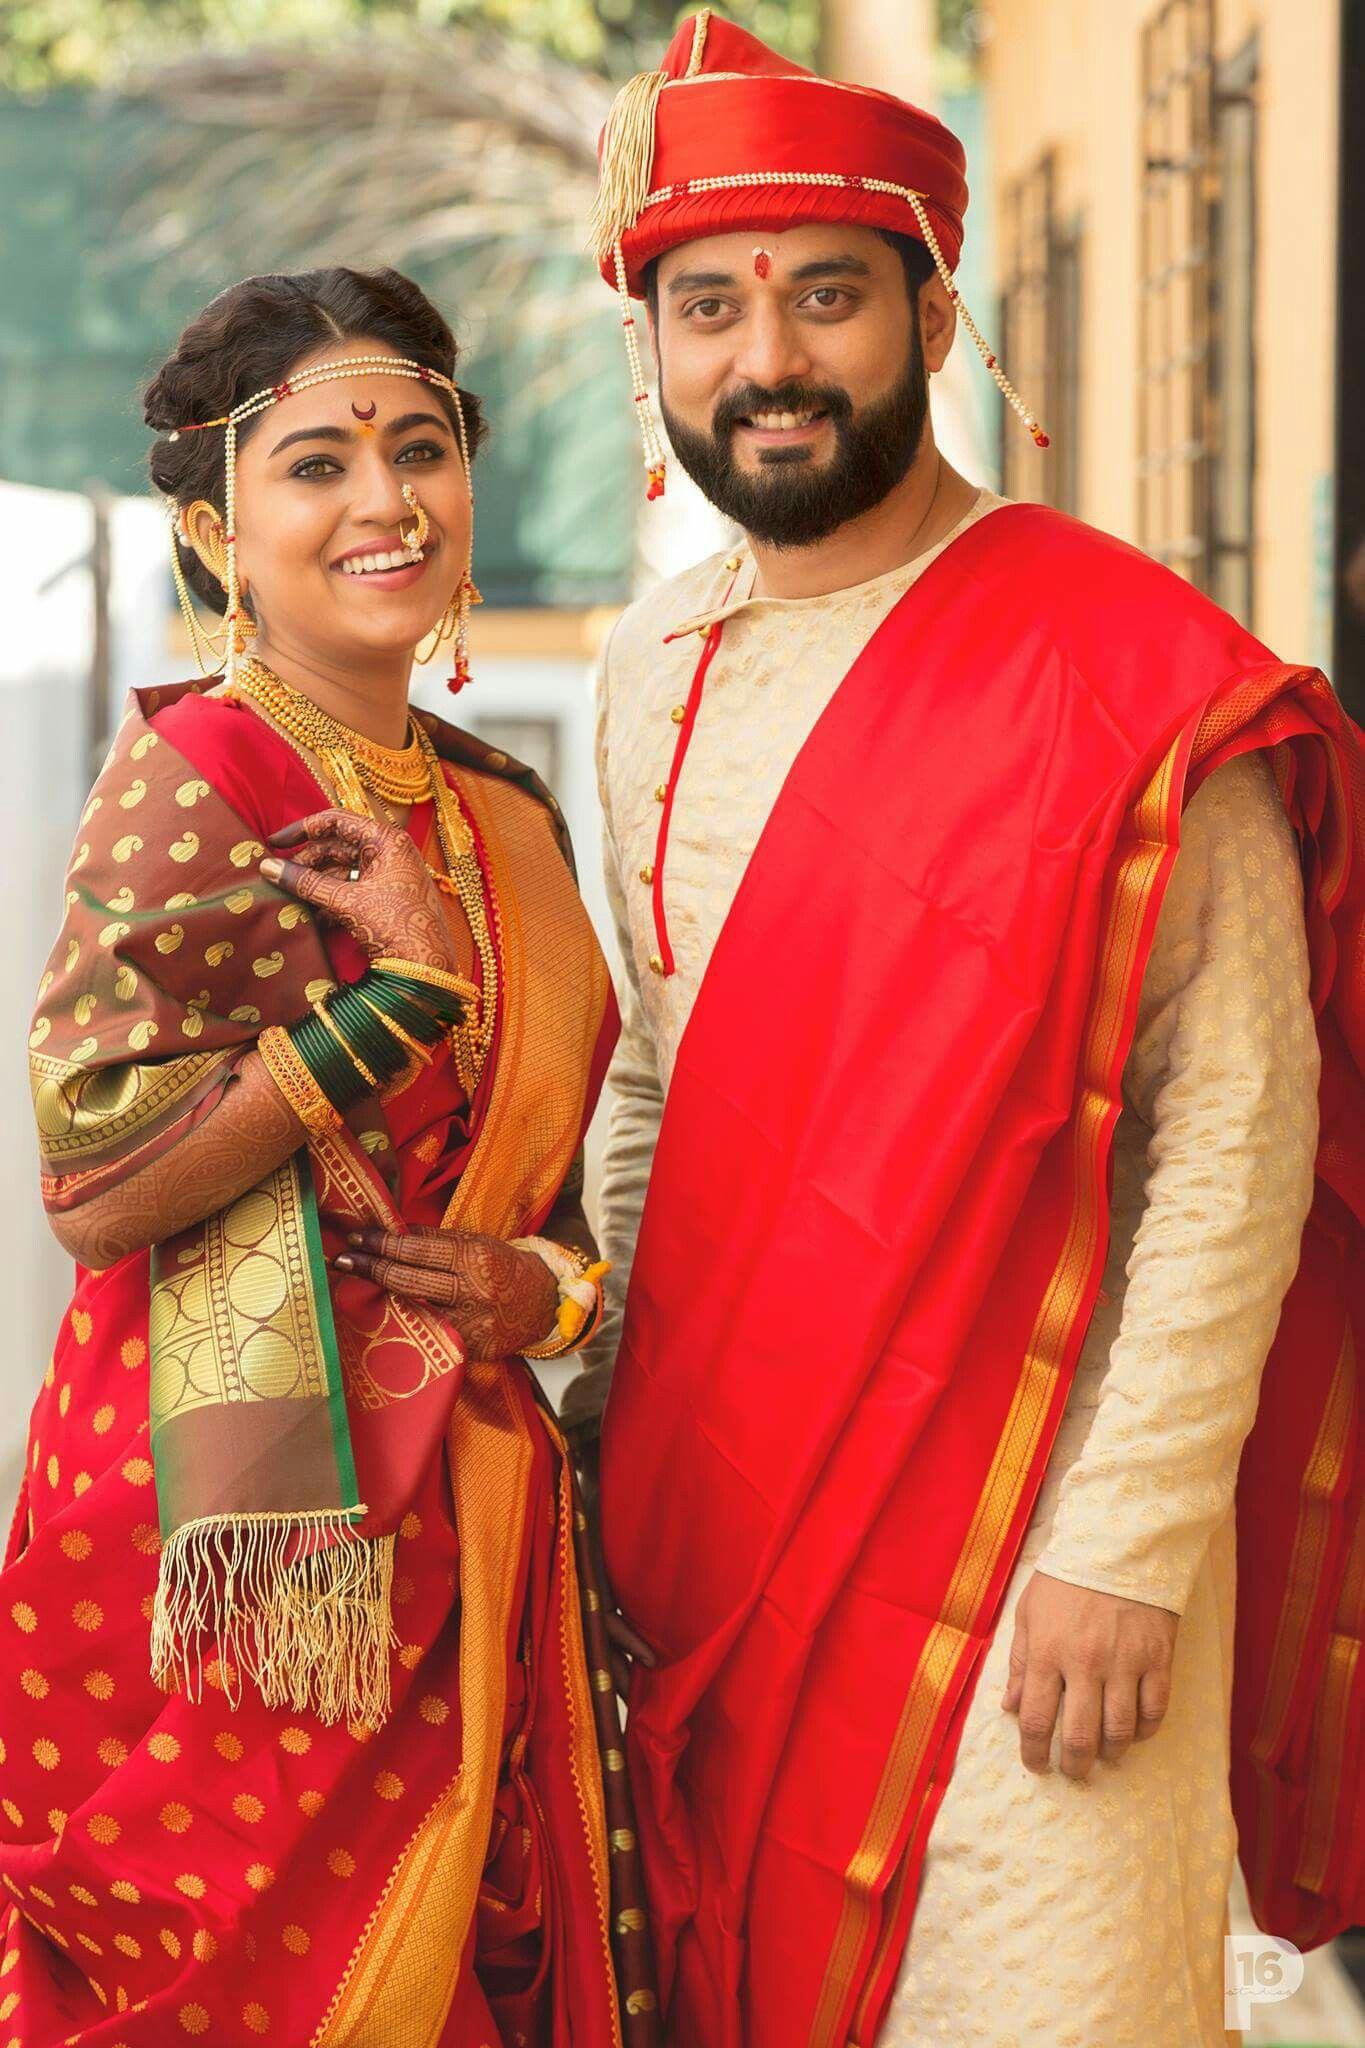 maharashtrian bride | Indian wedding ceremony, Wedding ...  |Hindu Marathi Wedding